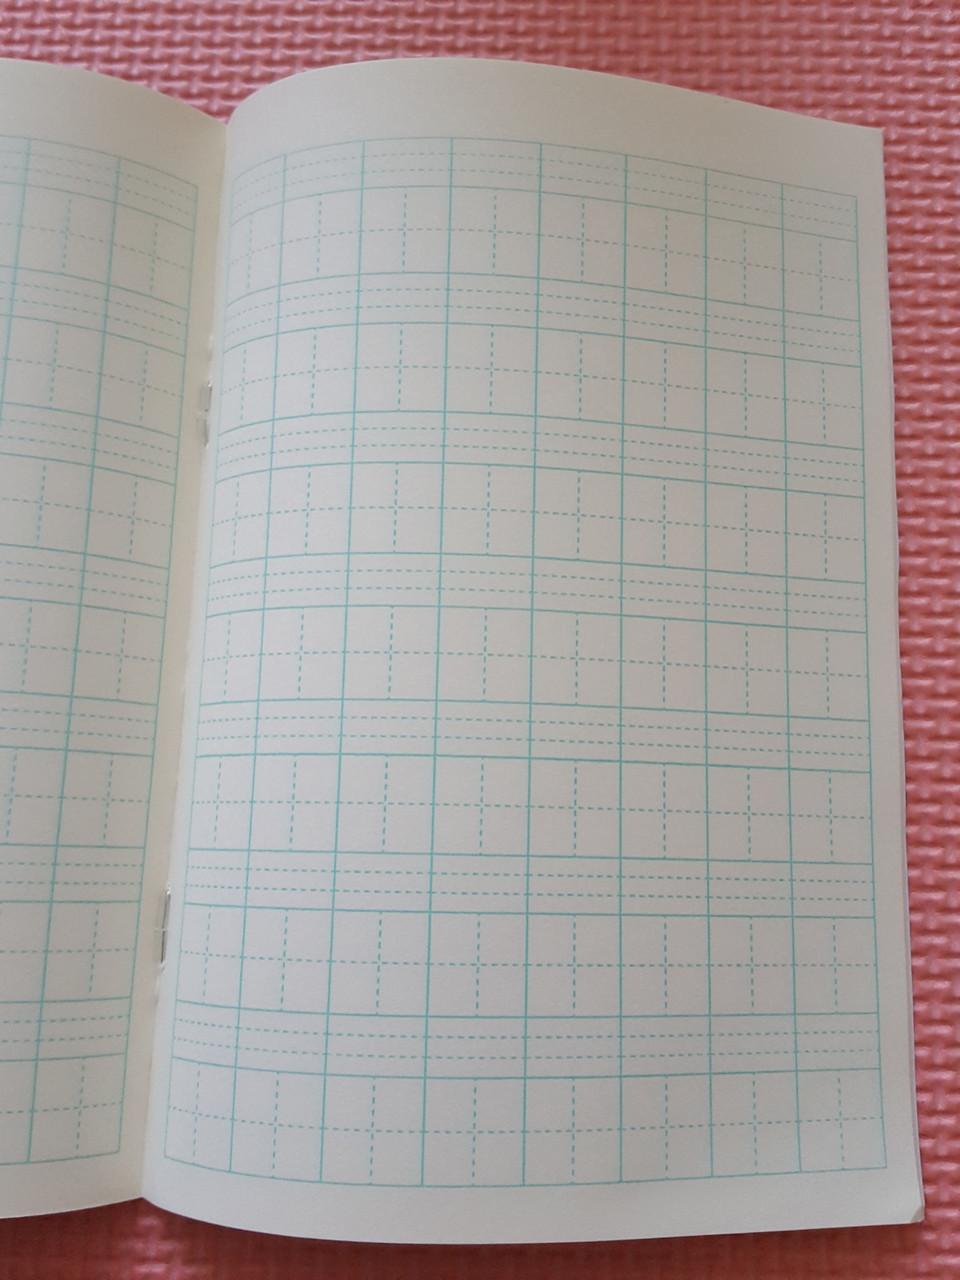 Зошит для написання ієрогліфів. Клітка 14 мм з пунктиром і розширеним полем для піньінь. 2016 клітин